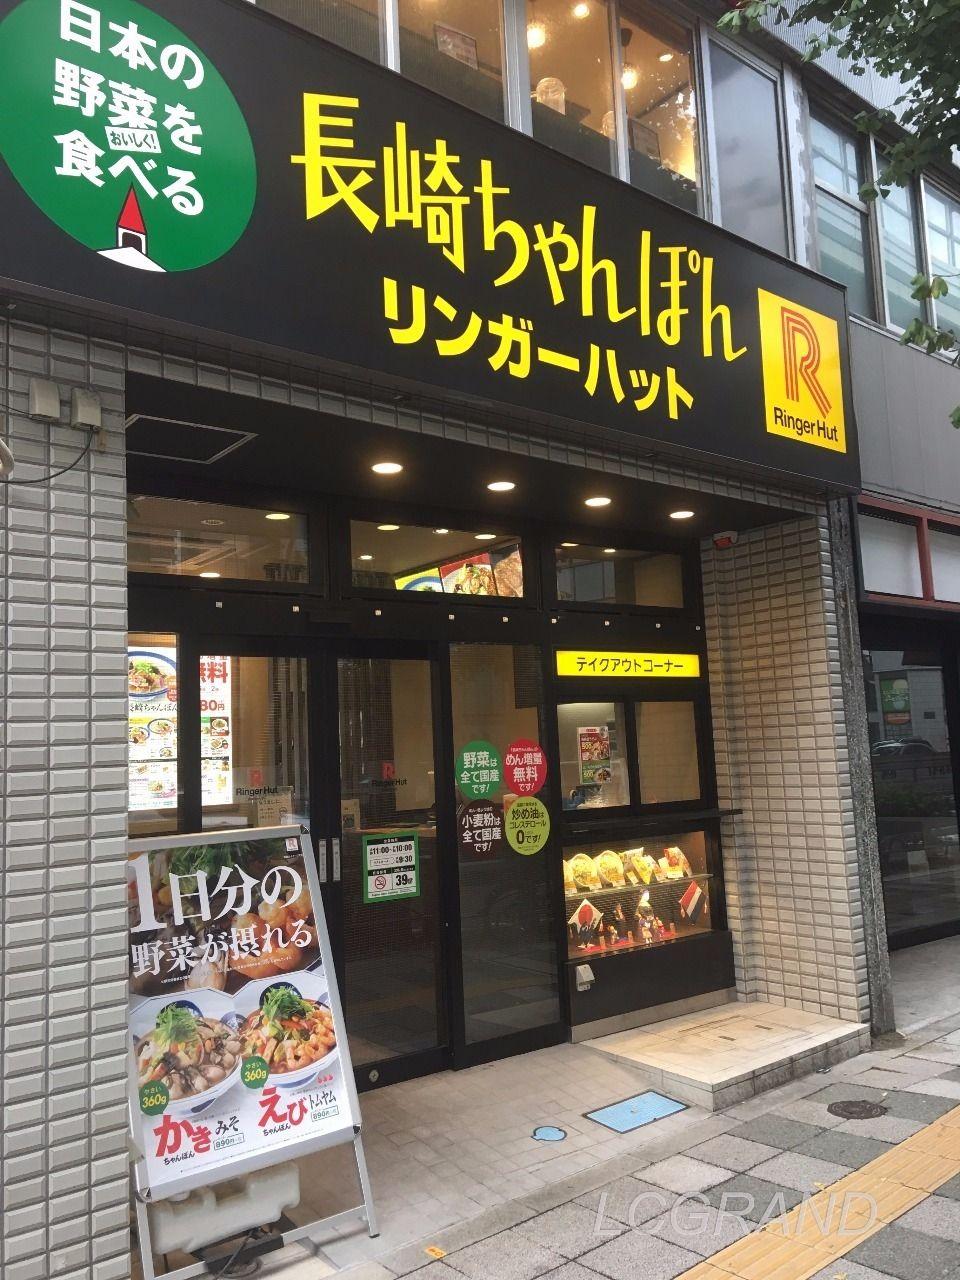 駒沢交差点の近くにある長崎ちゃんぽんリンガーハットの店頭 看板は黄色と黒で意外と目立ちます。